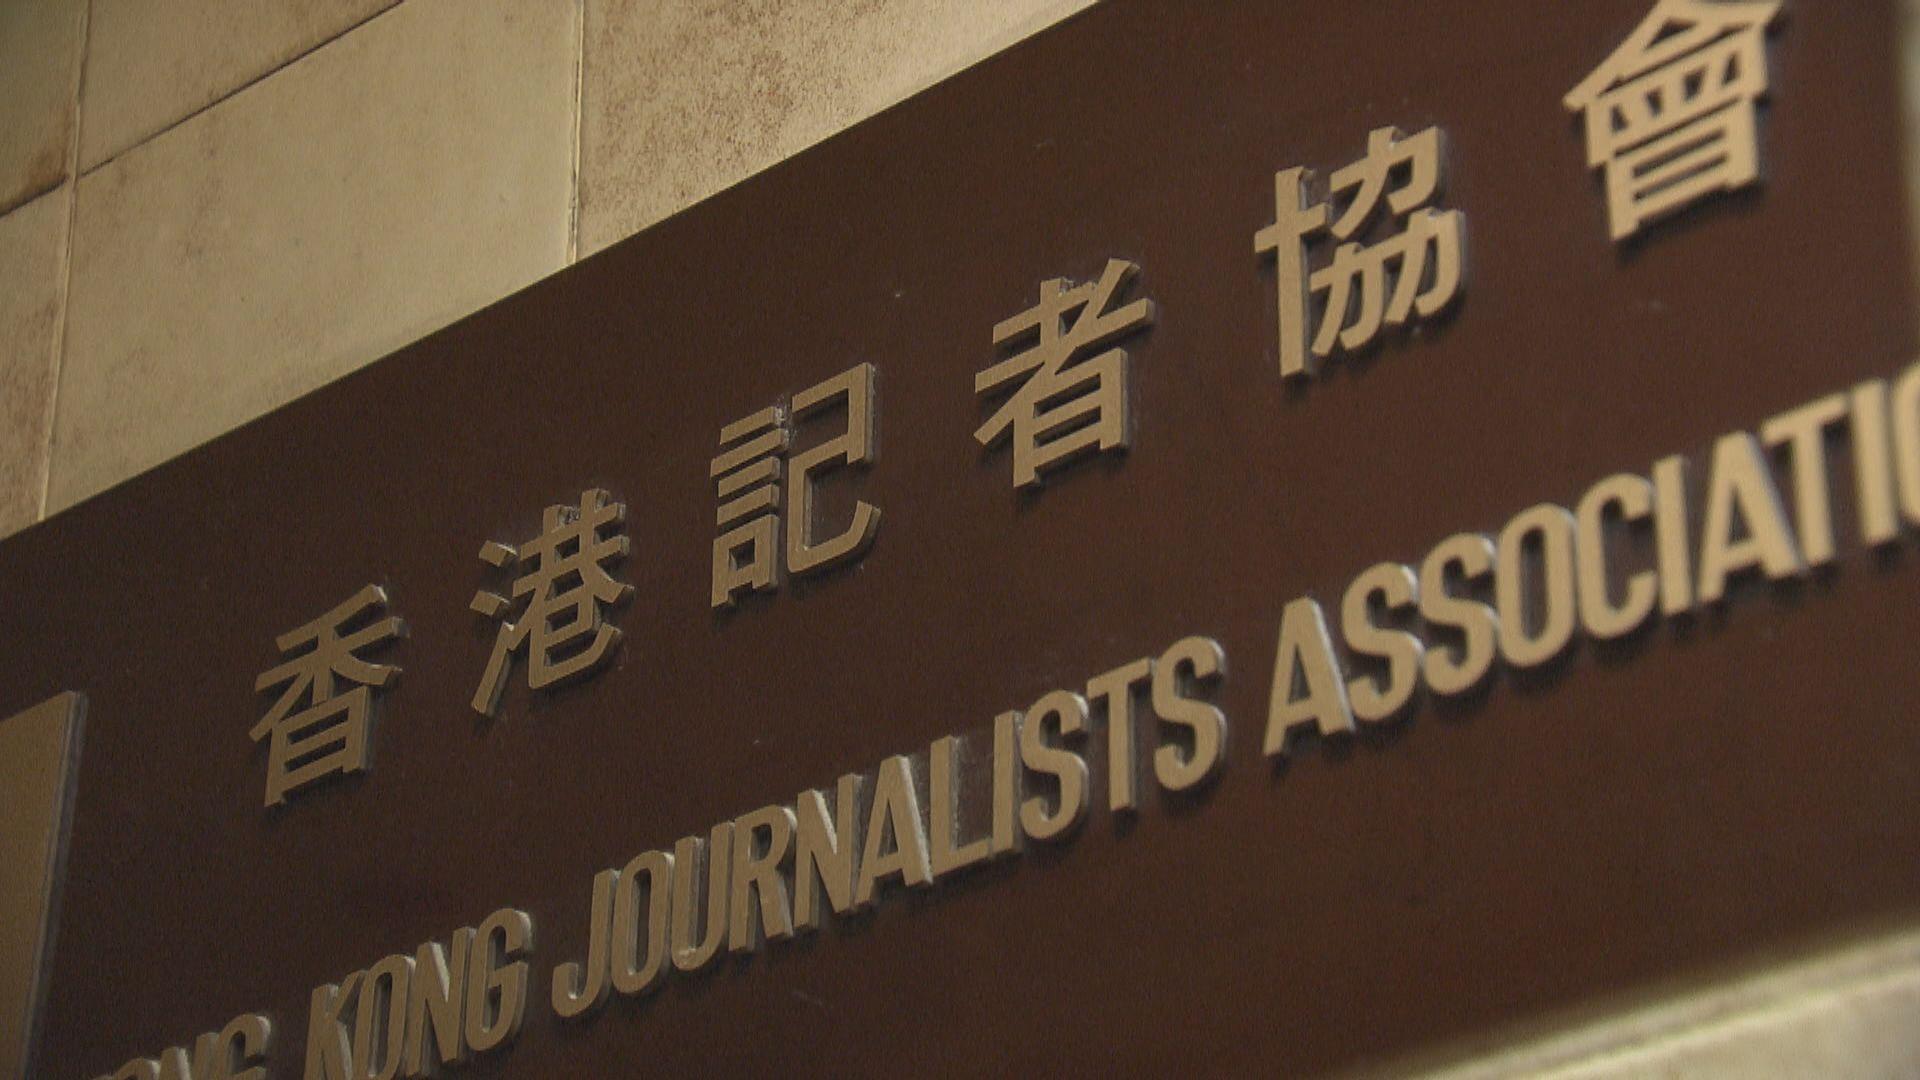 記協對李家超拒與傳媒界商逃犯條例感遺憾